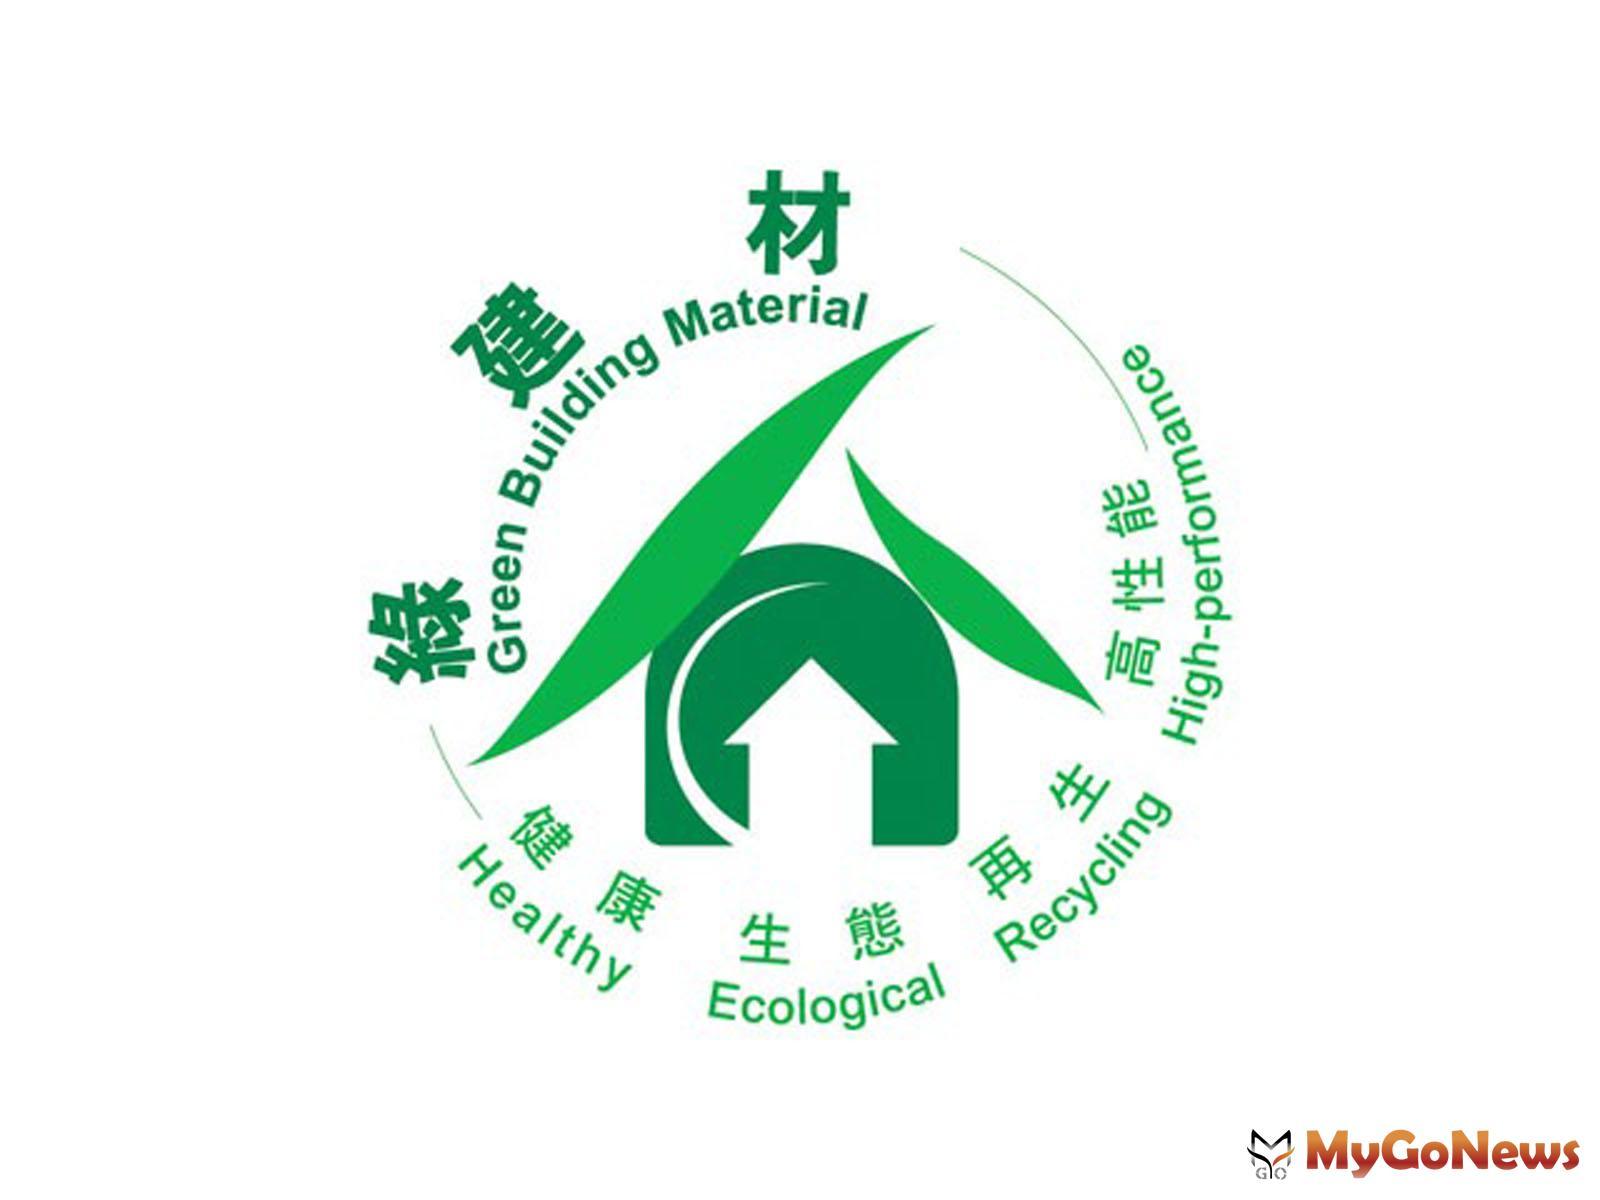 環境永續,7/1起綠建材標章擴大申請範圍(圖:內政部) MyGoNews房地產新聞 市場快訊